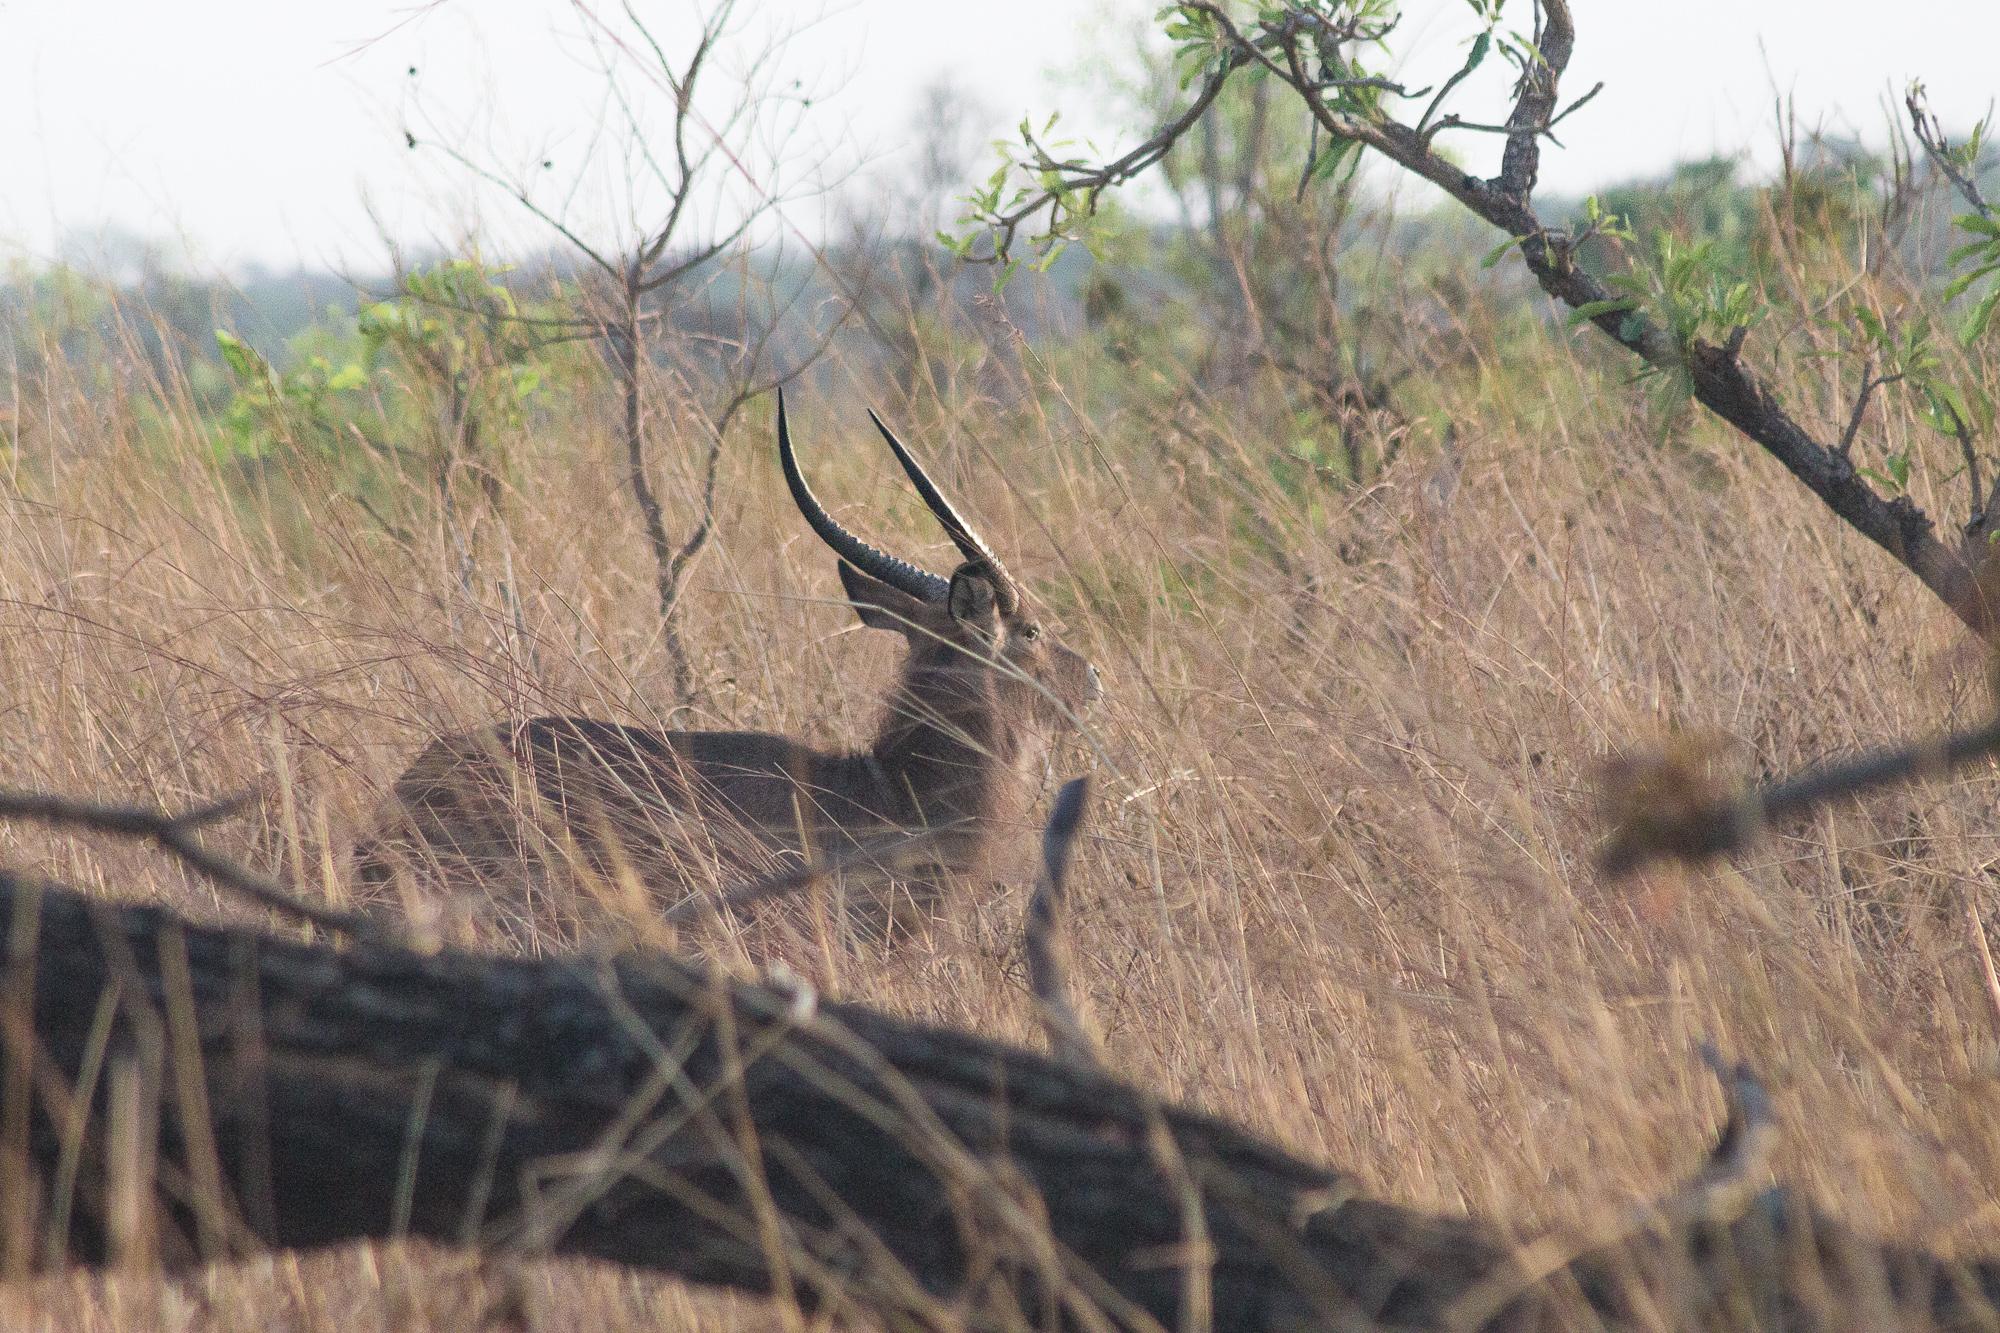 Antilope Cobe de fassa dans les hautes herbes de la réserve de Nazinga, Burkina Faso